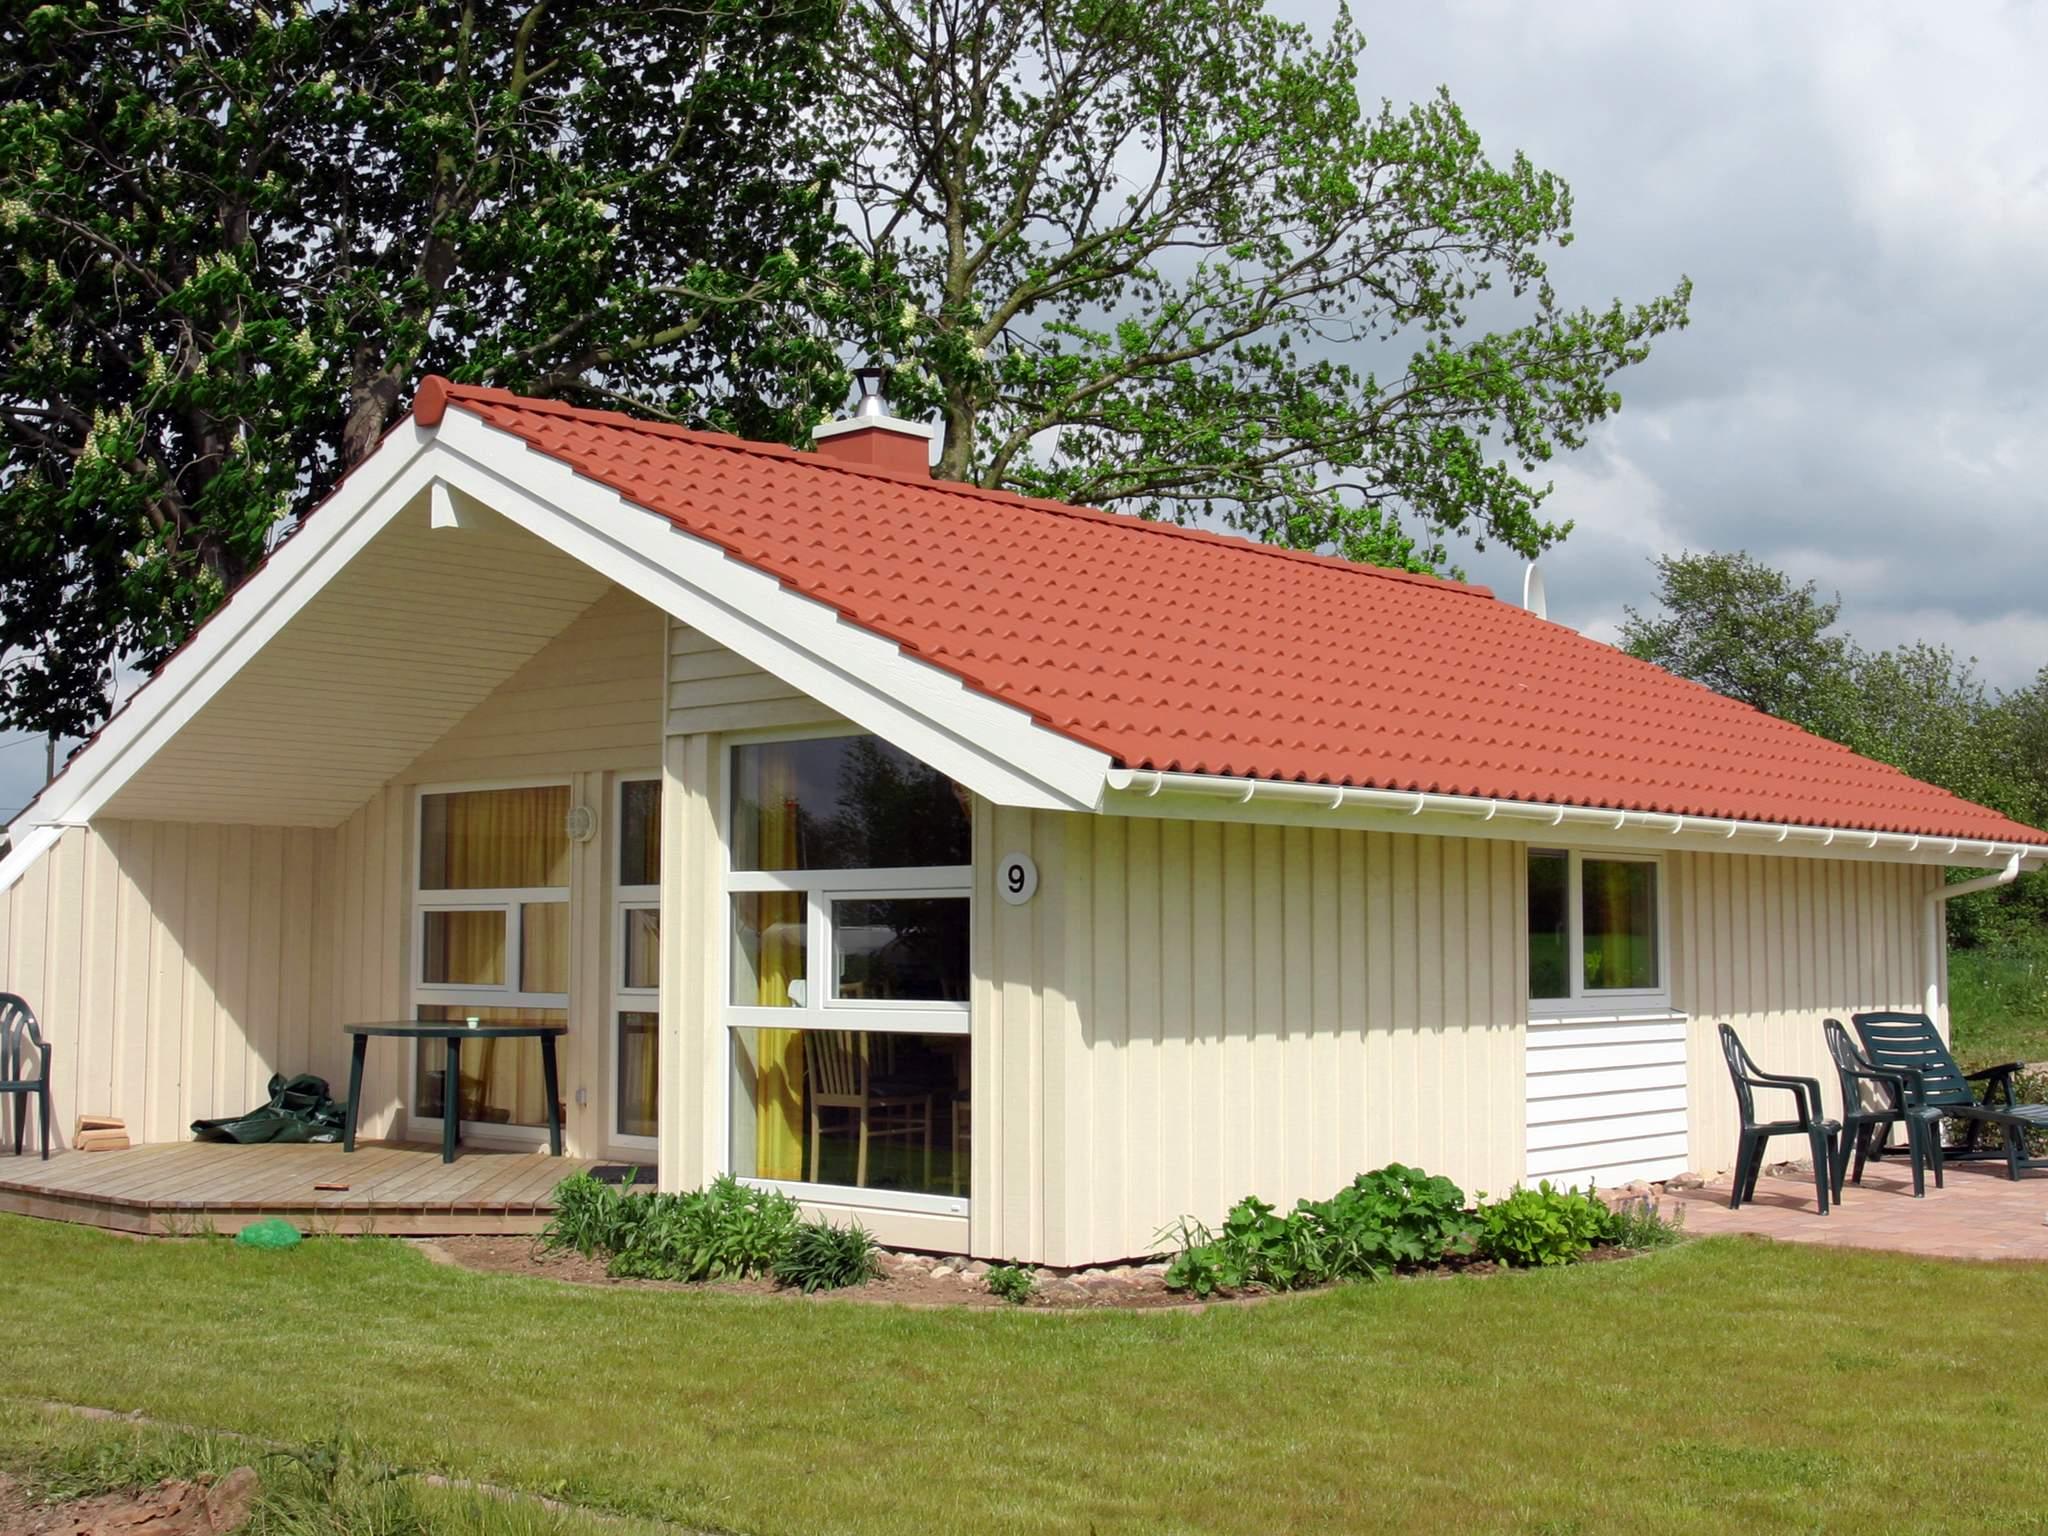 Ferienhaus Gelting (125199), Gelting, Geltinger Bucht, Schleswig-Holstein, Deutschland, Bild 1